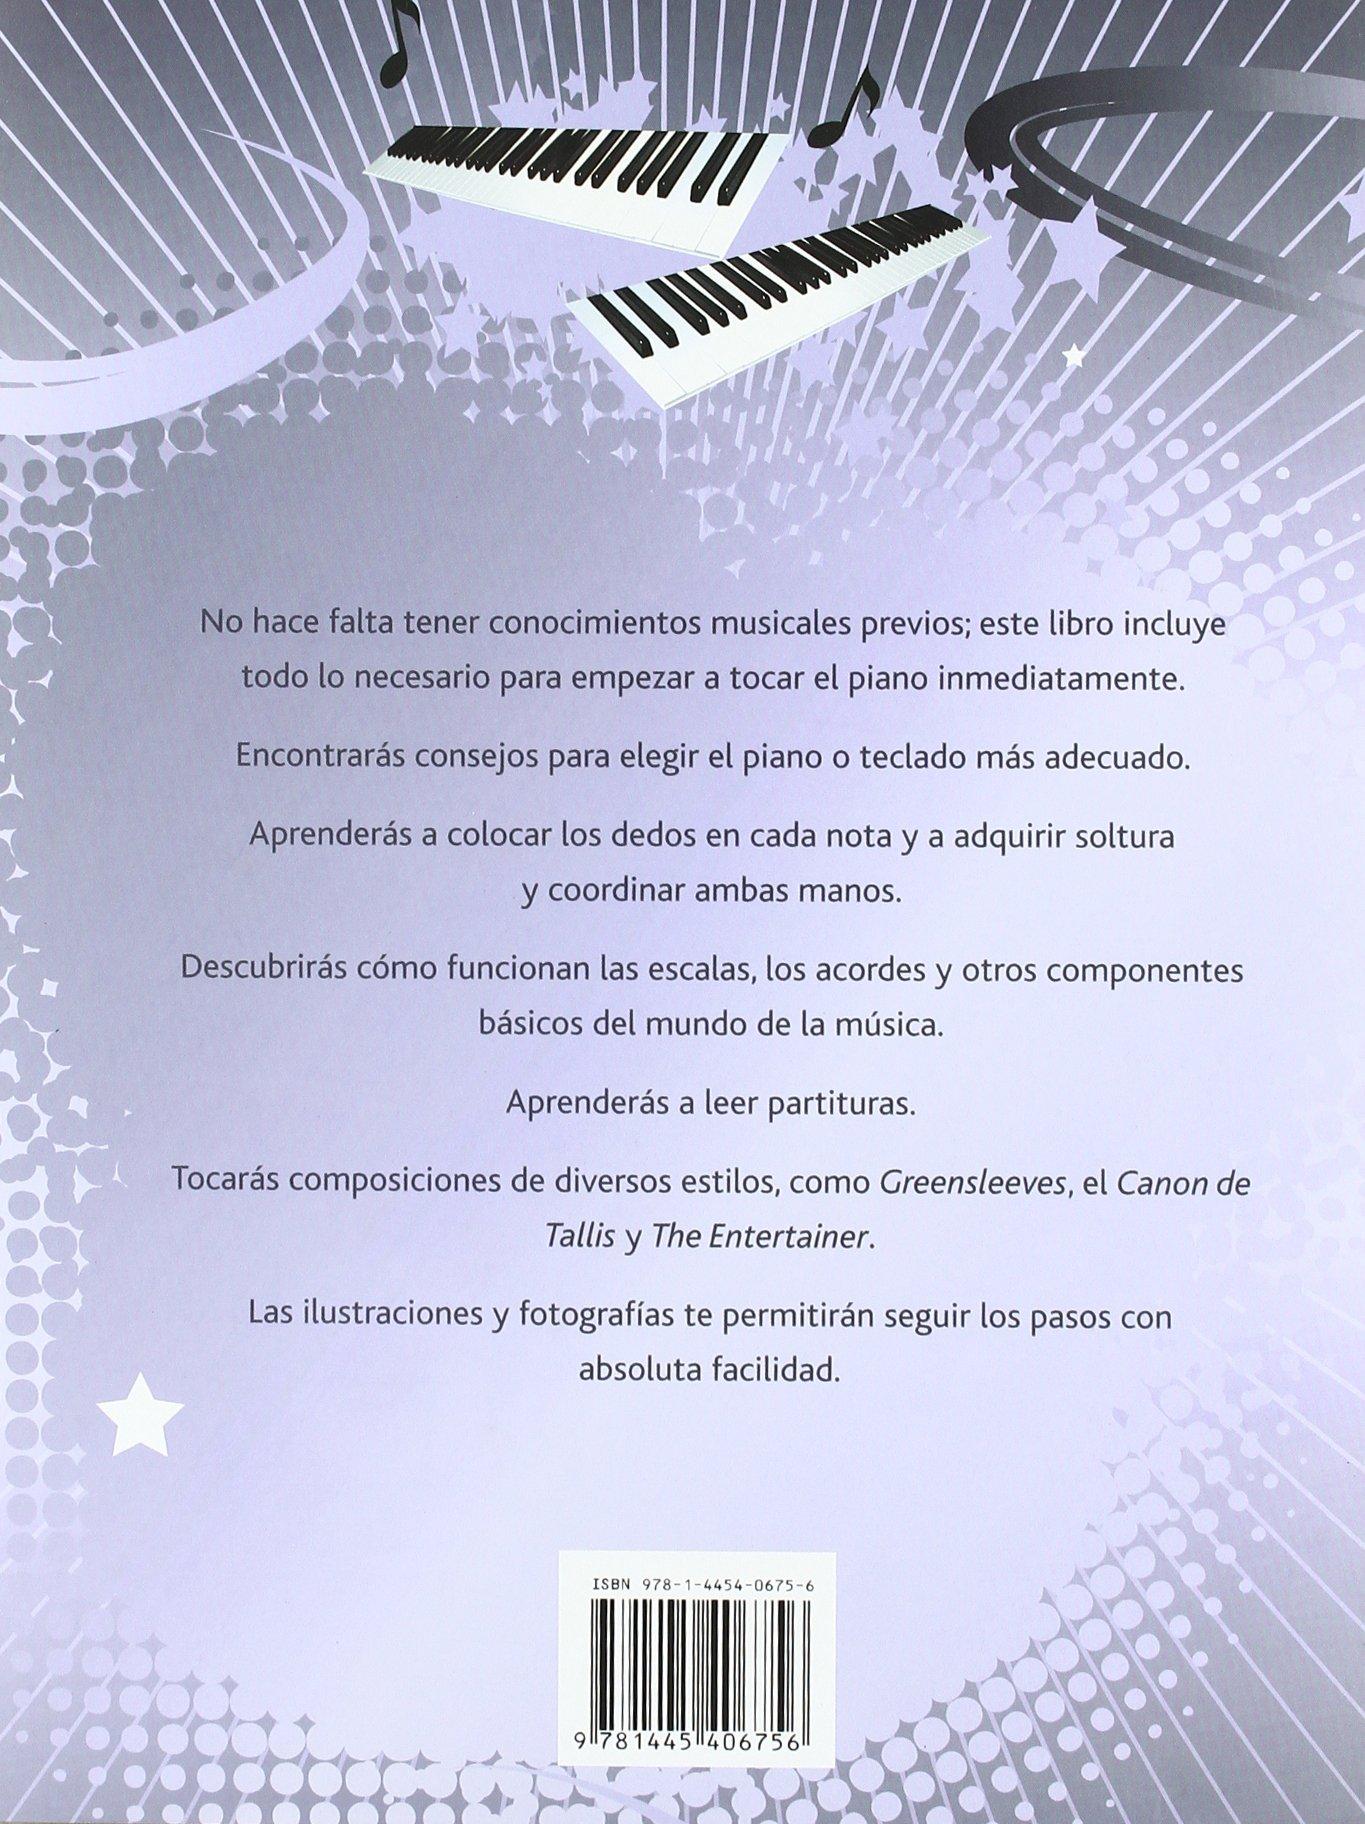 APRENDE A TOCAR EL PIANO Y LOS TECLADOS: 9781445406756: Amazon.com: Books